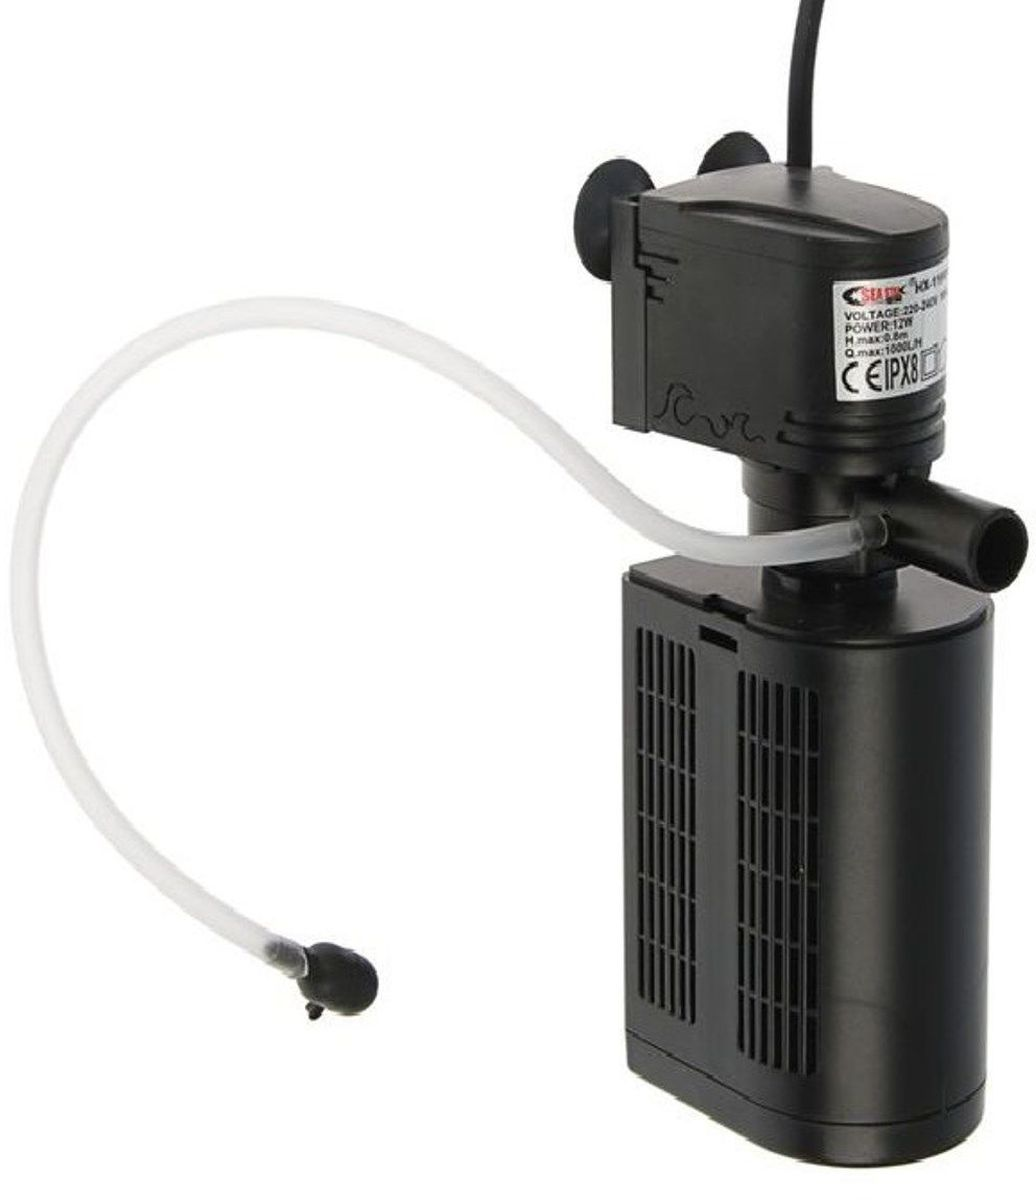 Фильтр для аквариума Sea Star HX-1180F2, внутренний, 12W, 1000 л/ч освещение для аквариума sea star t4 30cm green 1101269